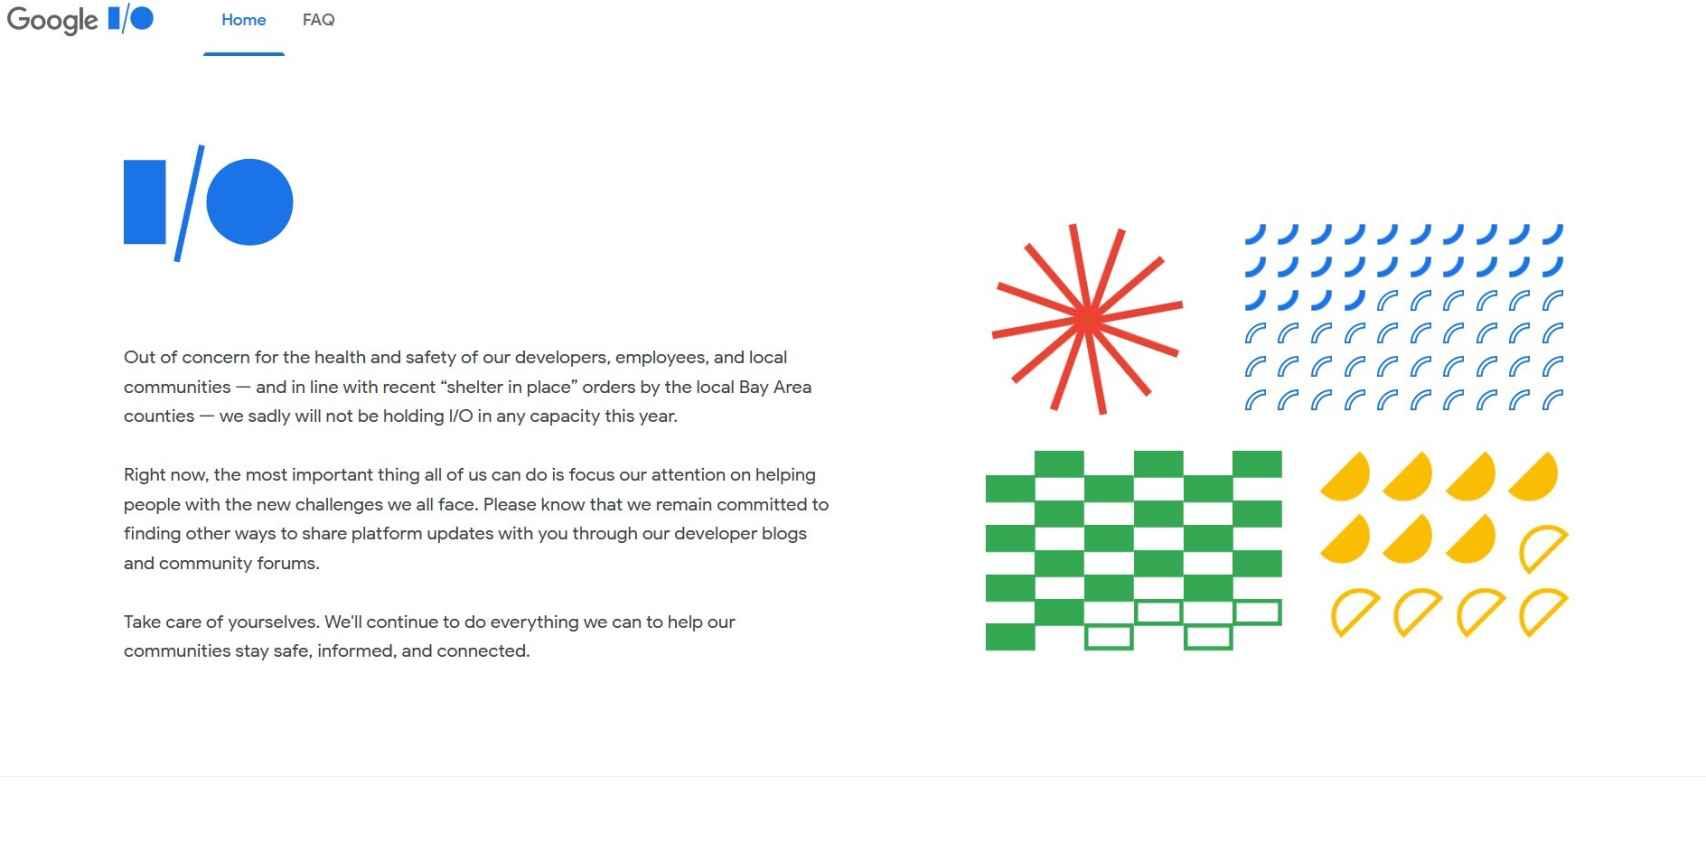 Página web de Google I/O mostrando el anuncio de la cancelación